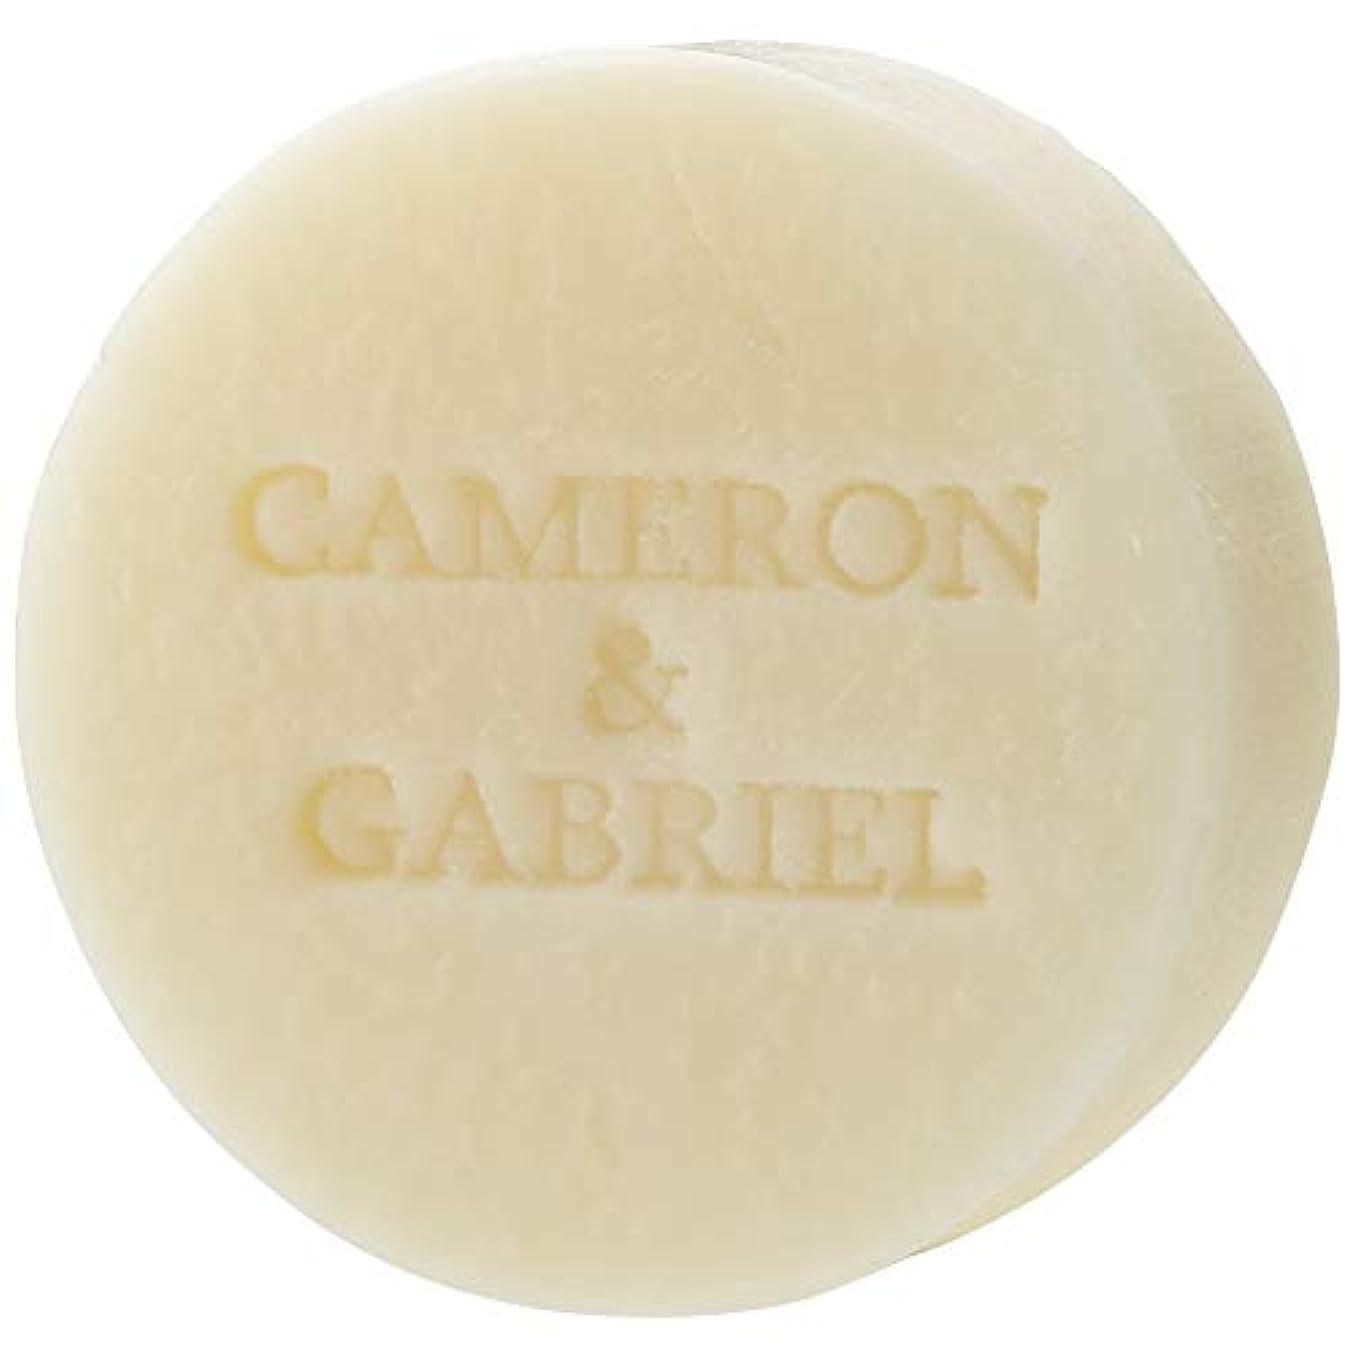 クライマックスまたチャームキャメロン&ガブリエル 天使の聖石(化粧石鹸)80g 日本製